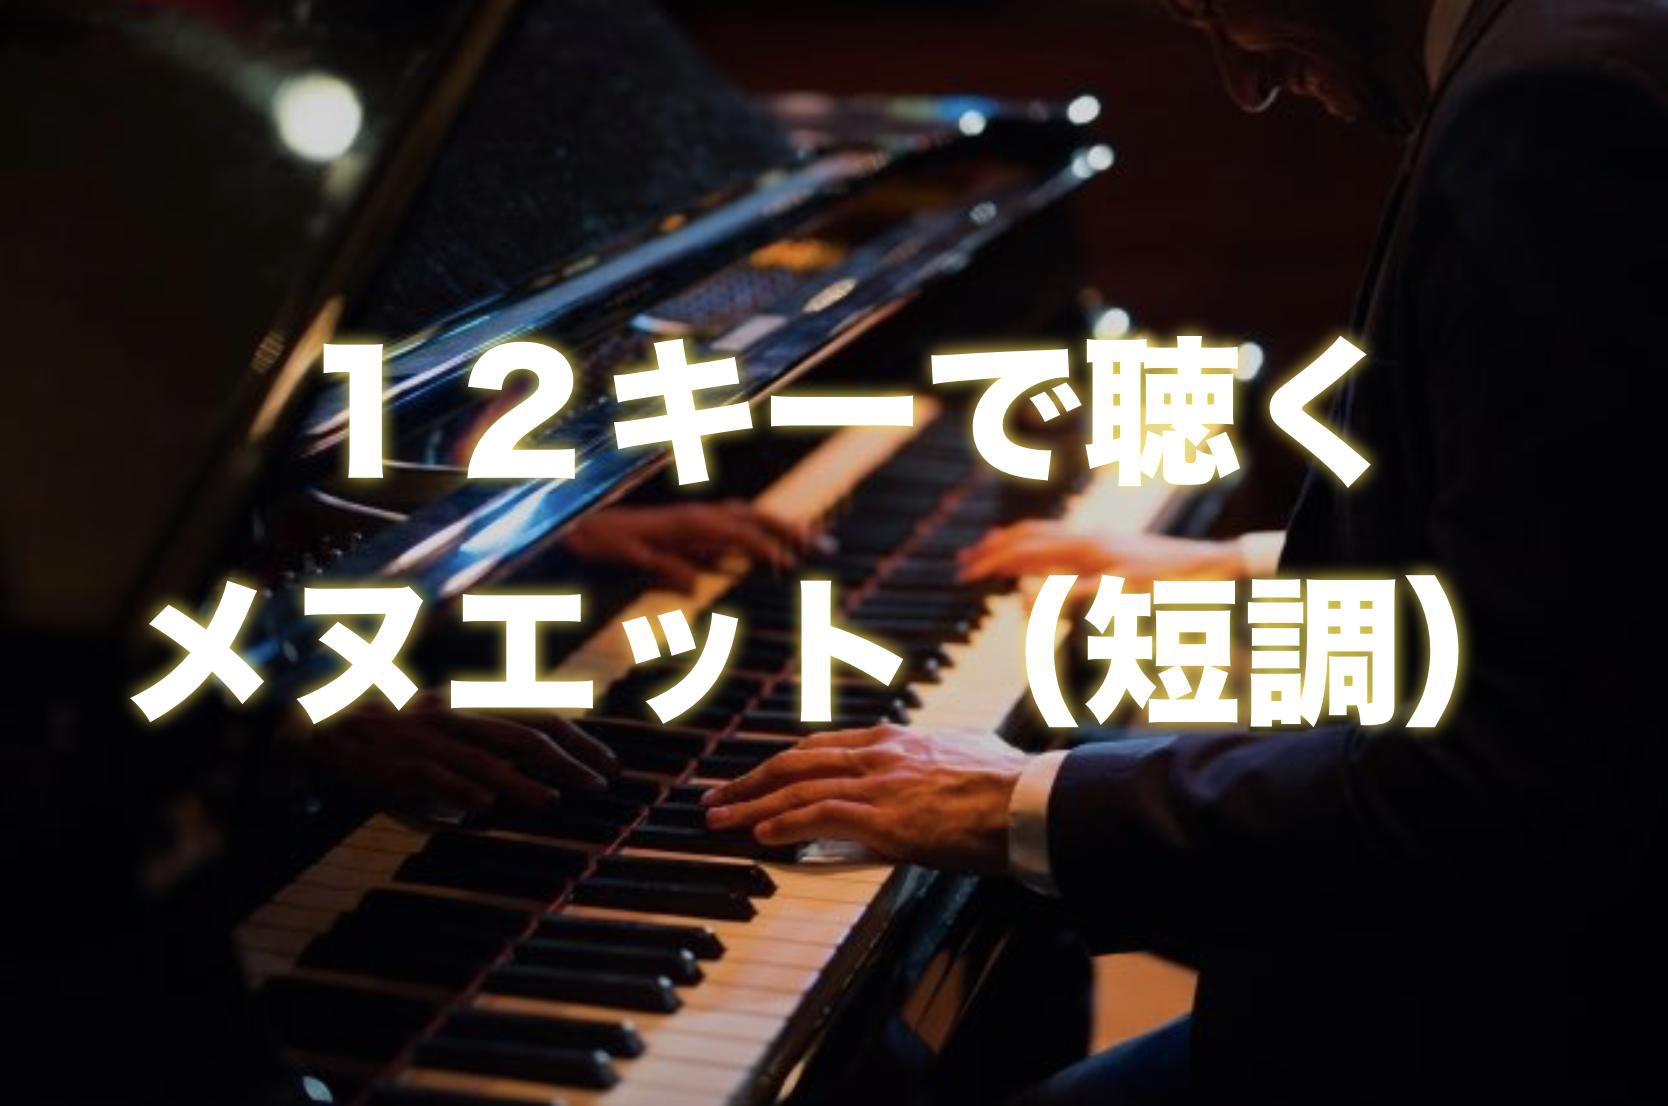 相対音感トレーニング【メヌエット短調】